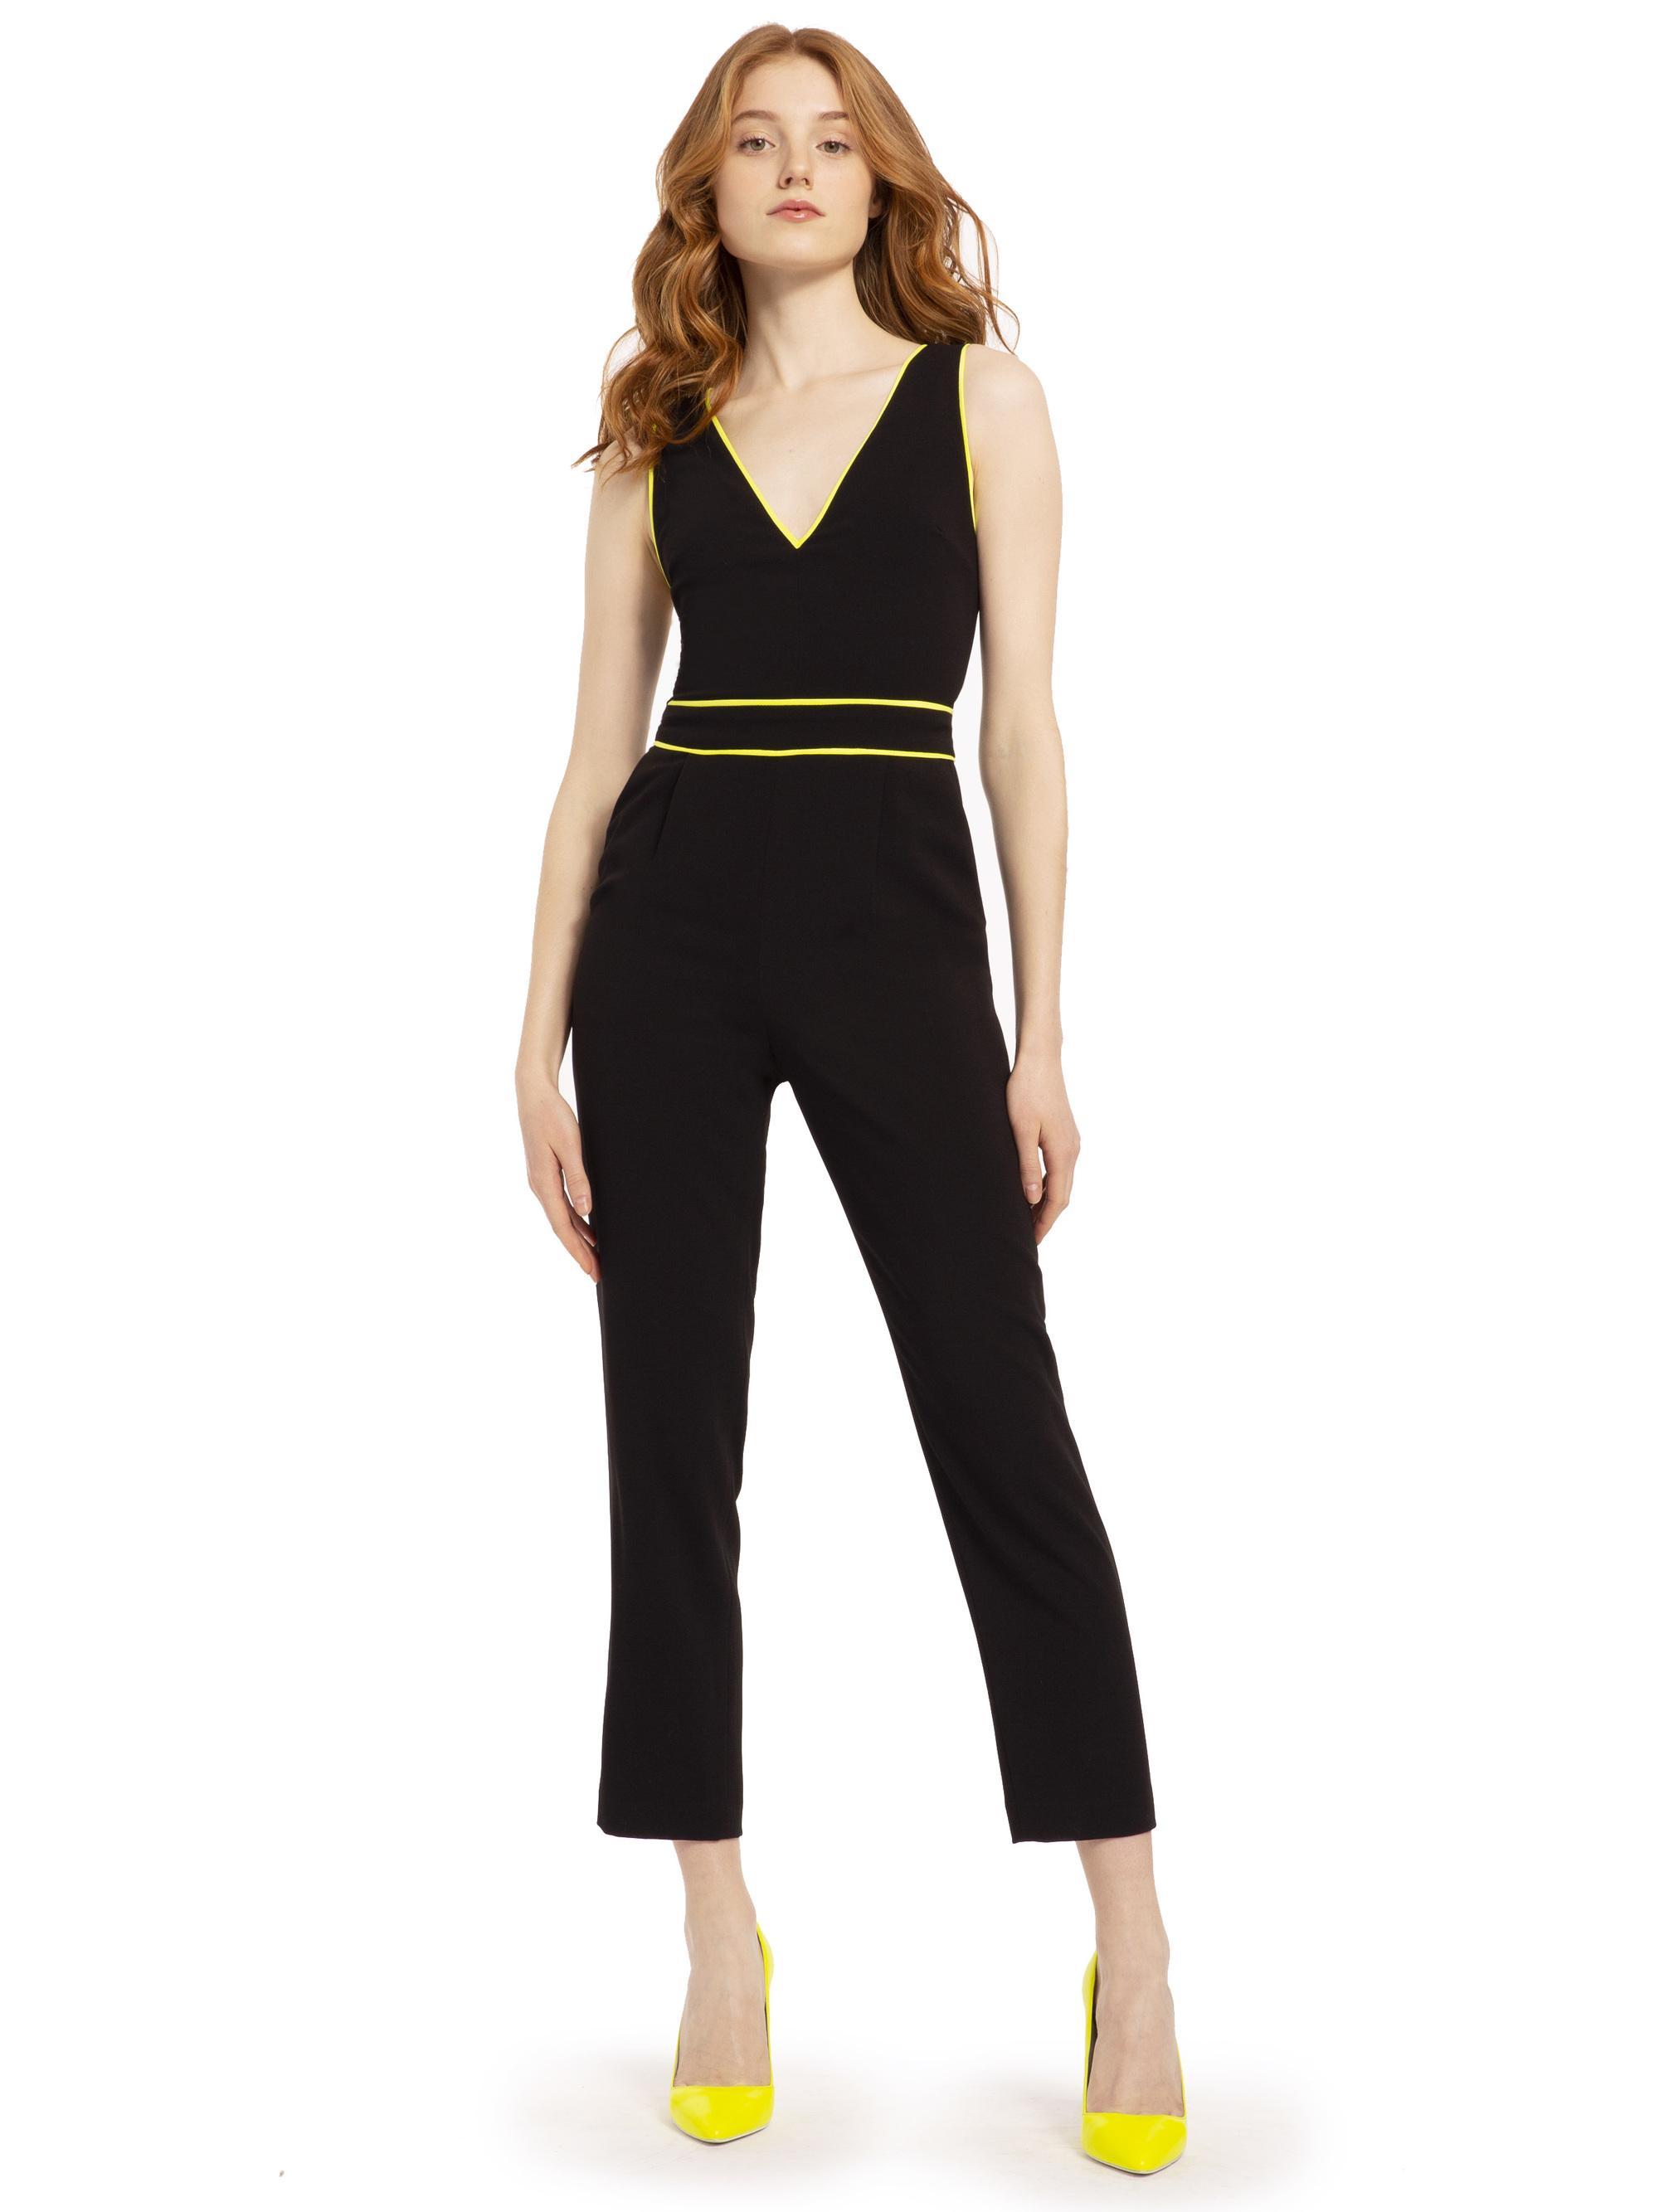 a1f2960f635a Alice + Olivia Jeri Neon Straight Leg Jumpsuit in Black - Lyst